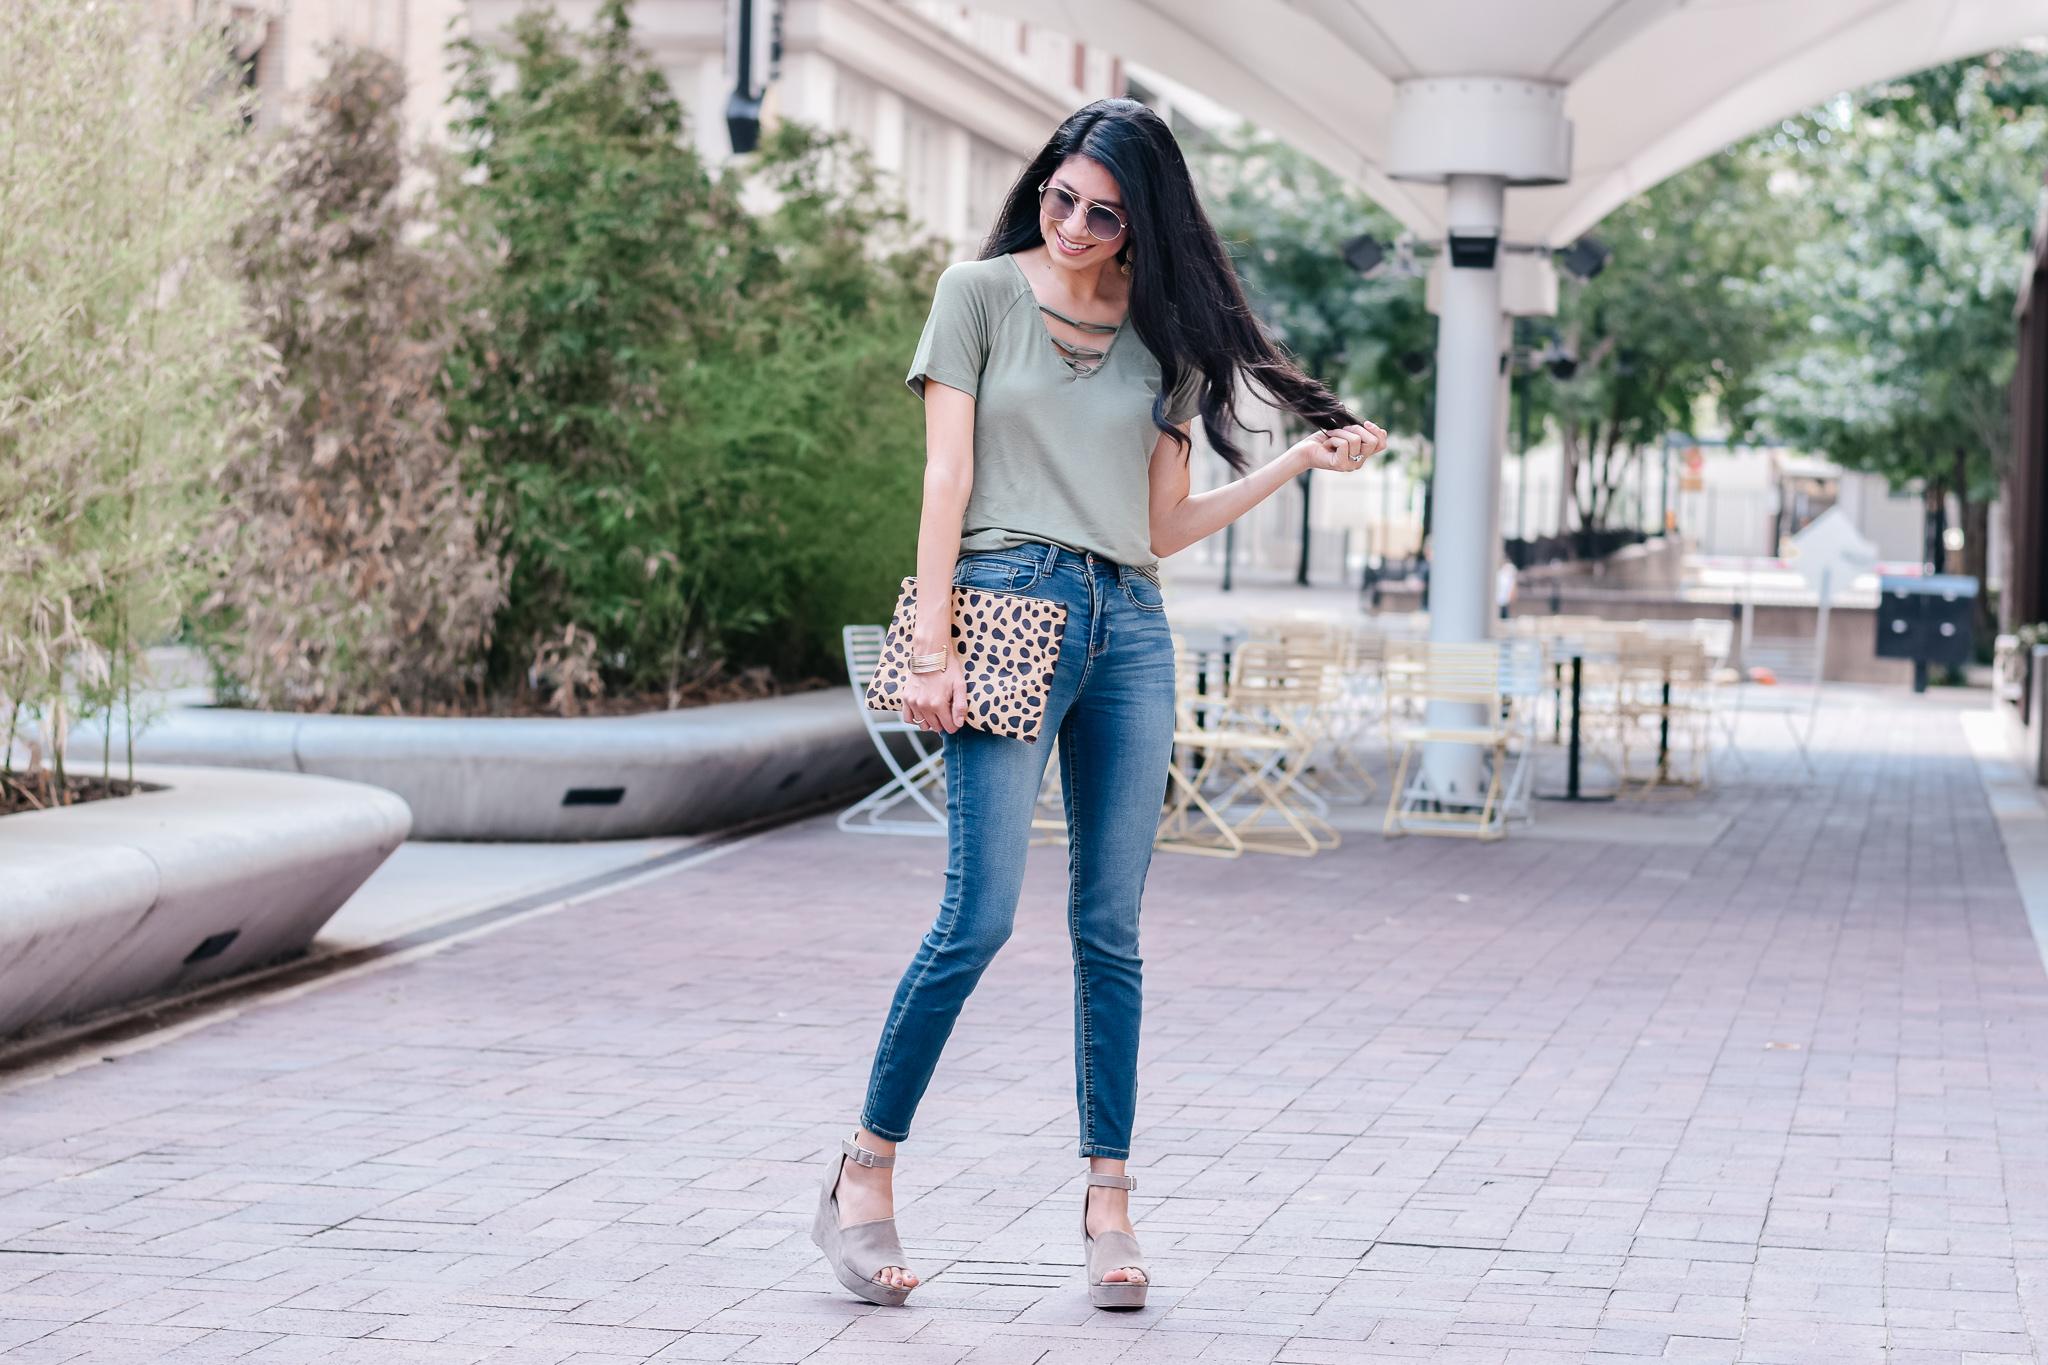 Wishful Park Loop Neck Top / Vanilla Star Skinny Jeans